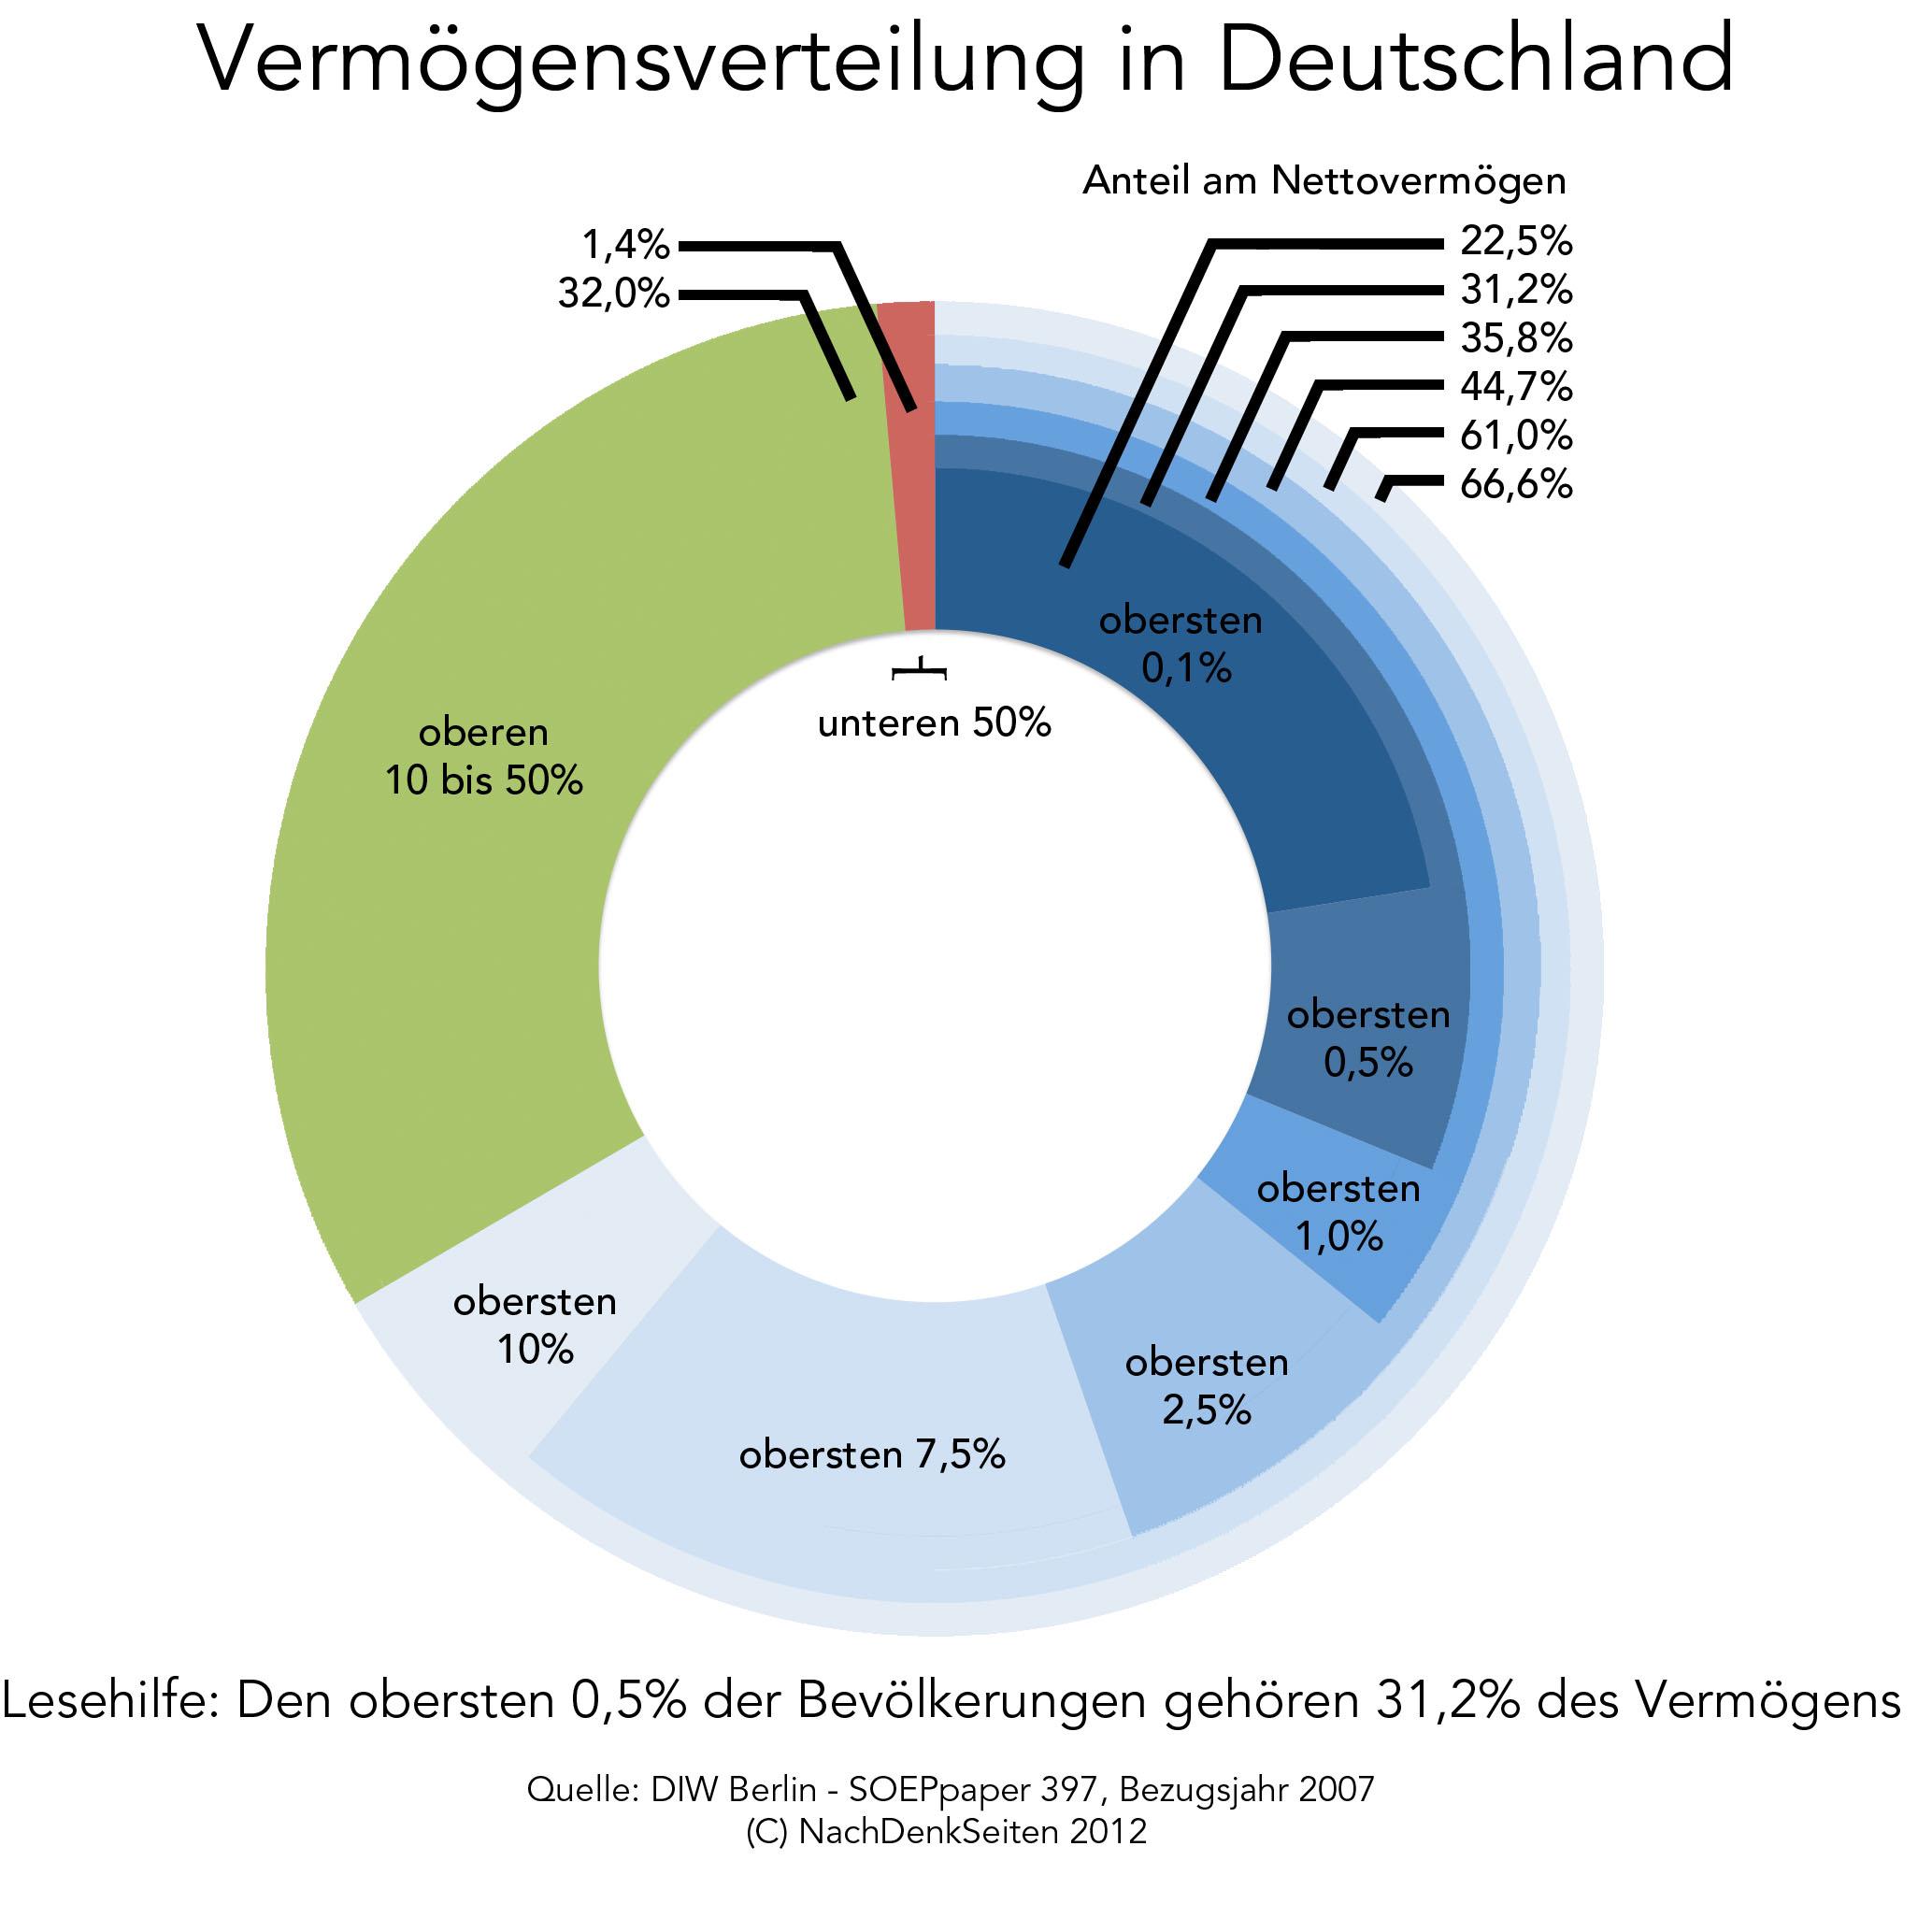 http://www.nachdenkseiten.de/upload/bilder/120405_vermoegen2.jpg